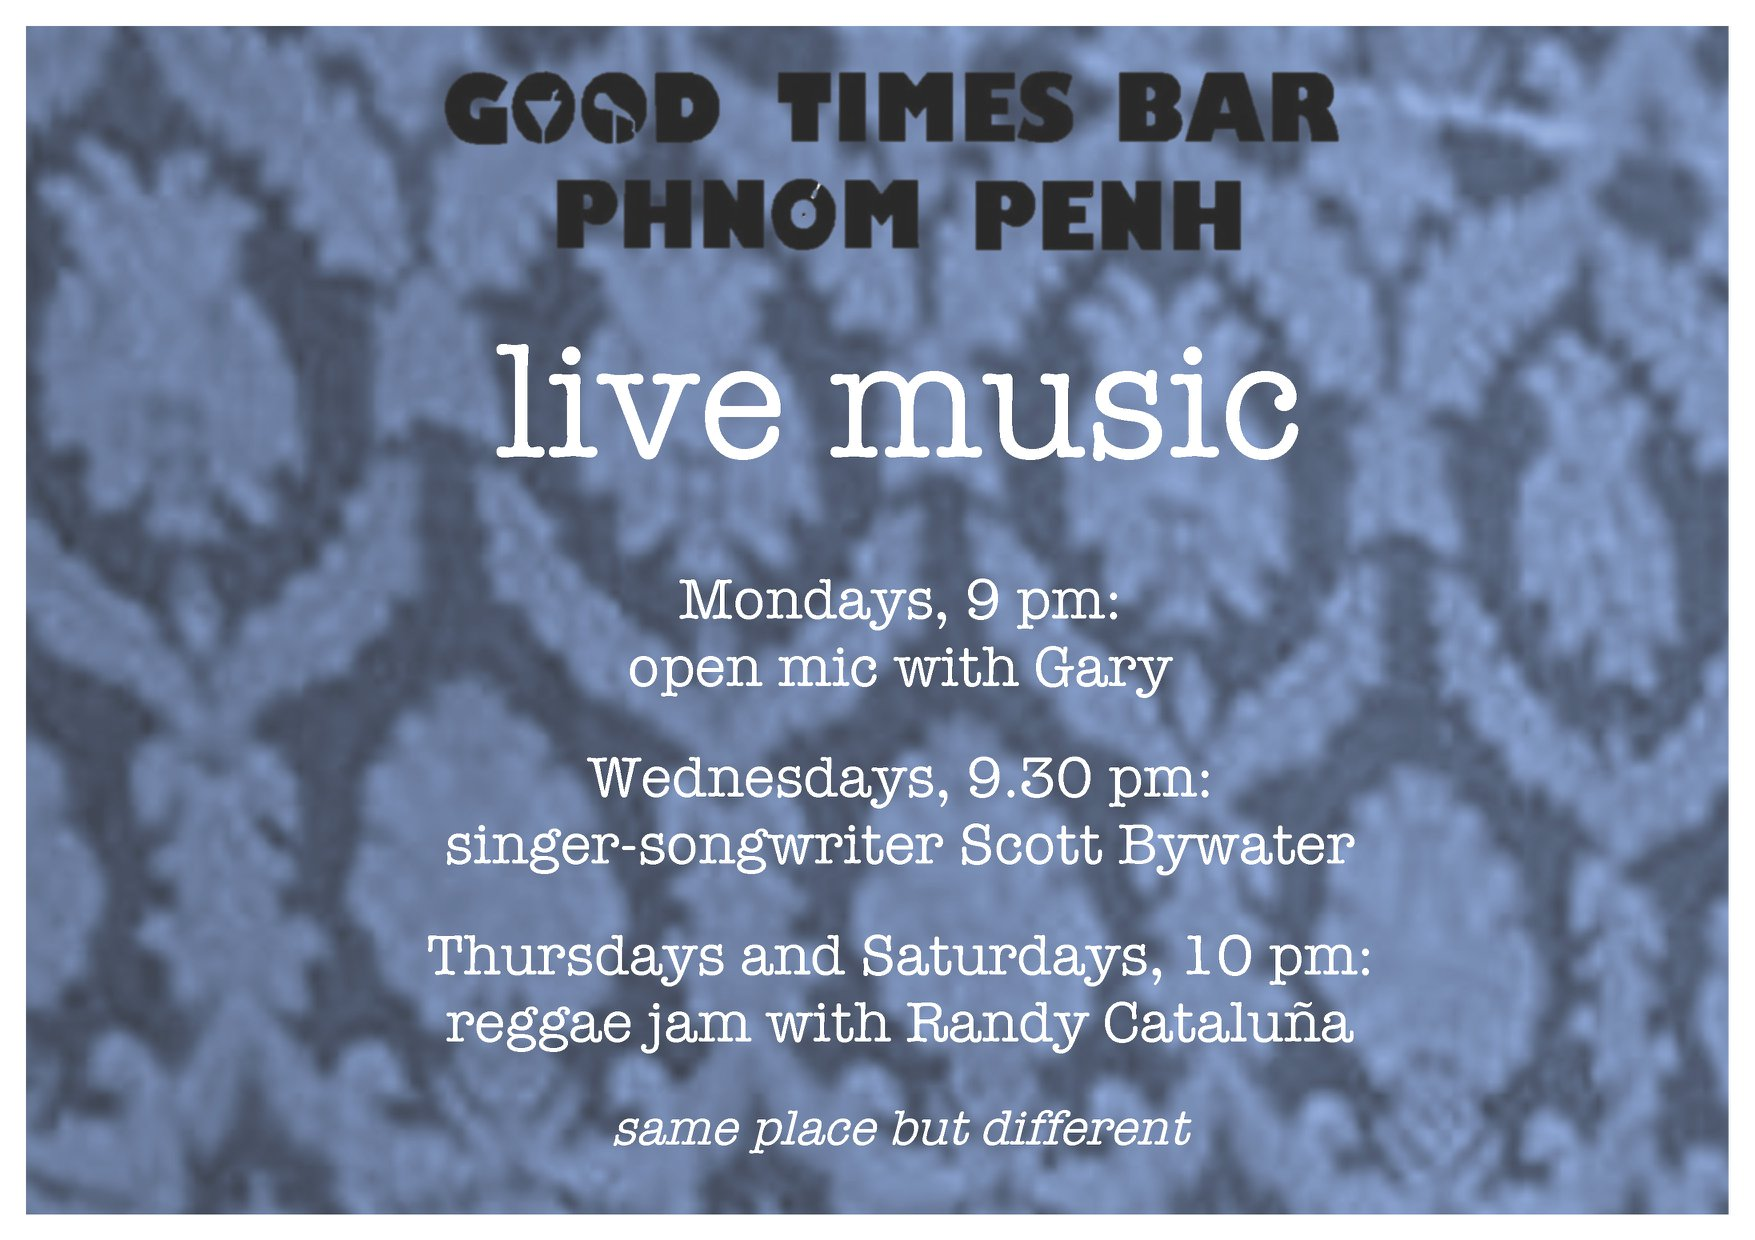 Open Mic at Good Times Bar Phnom Penh